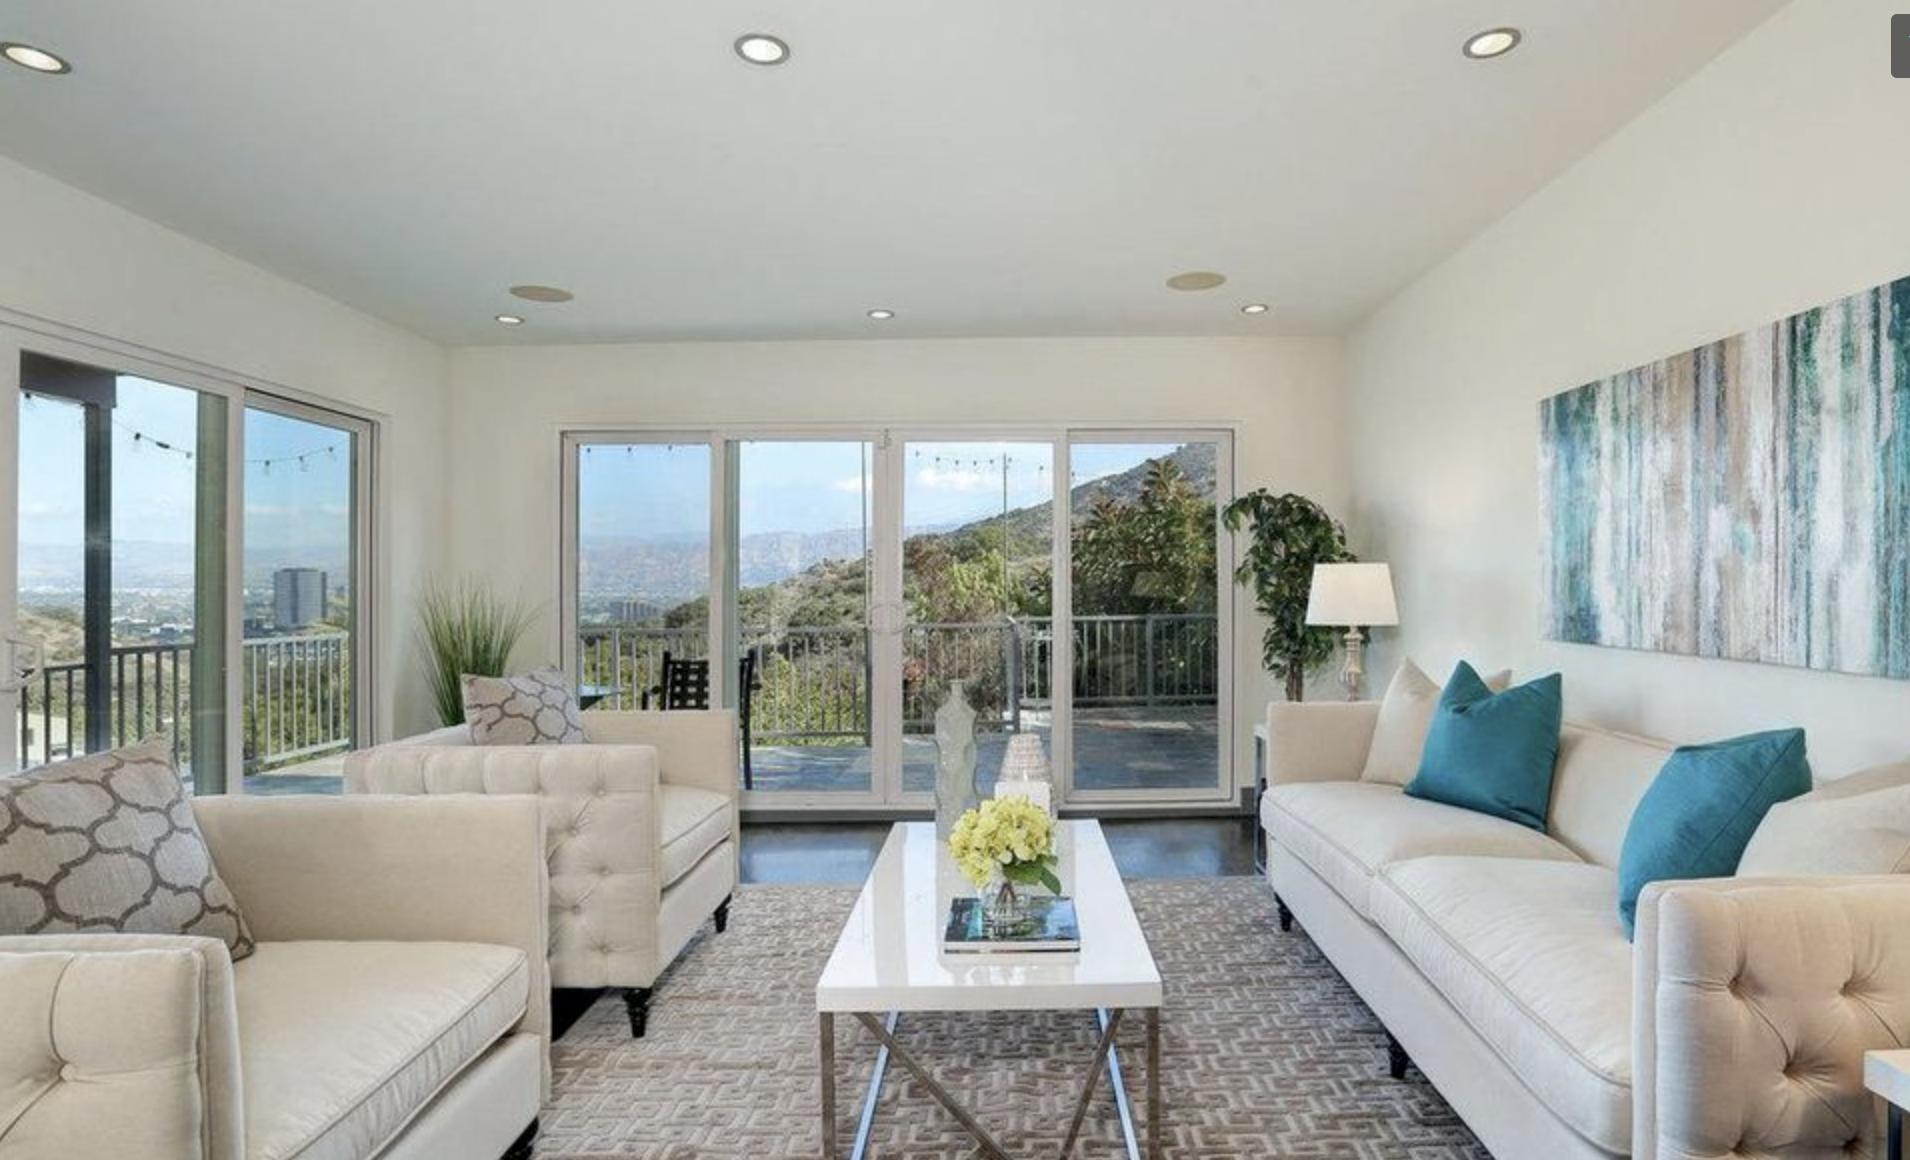 3481 La Sombra DriveLos Angeles 90068 - $1,450,000